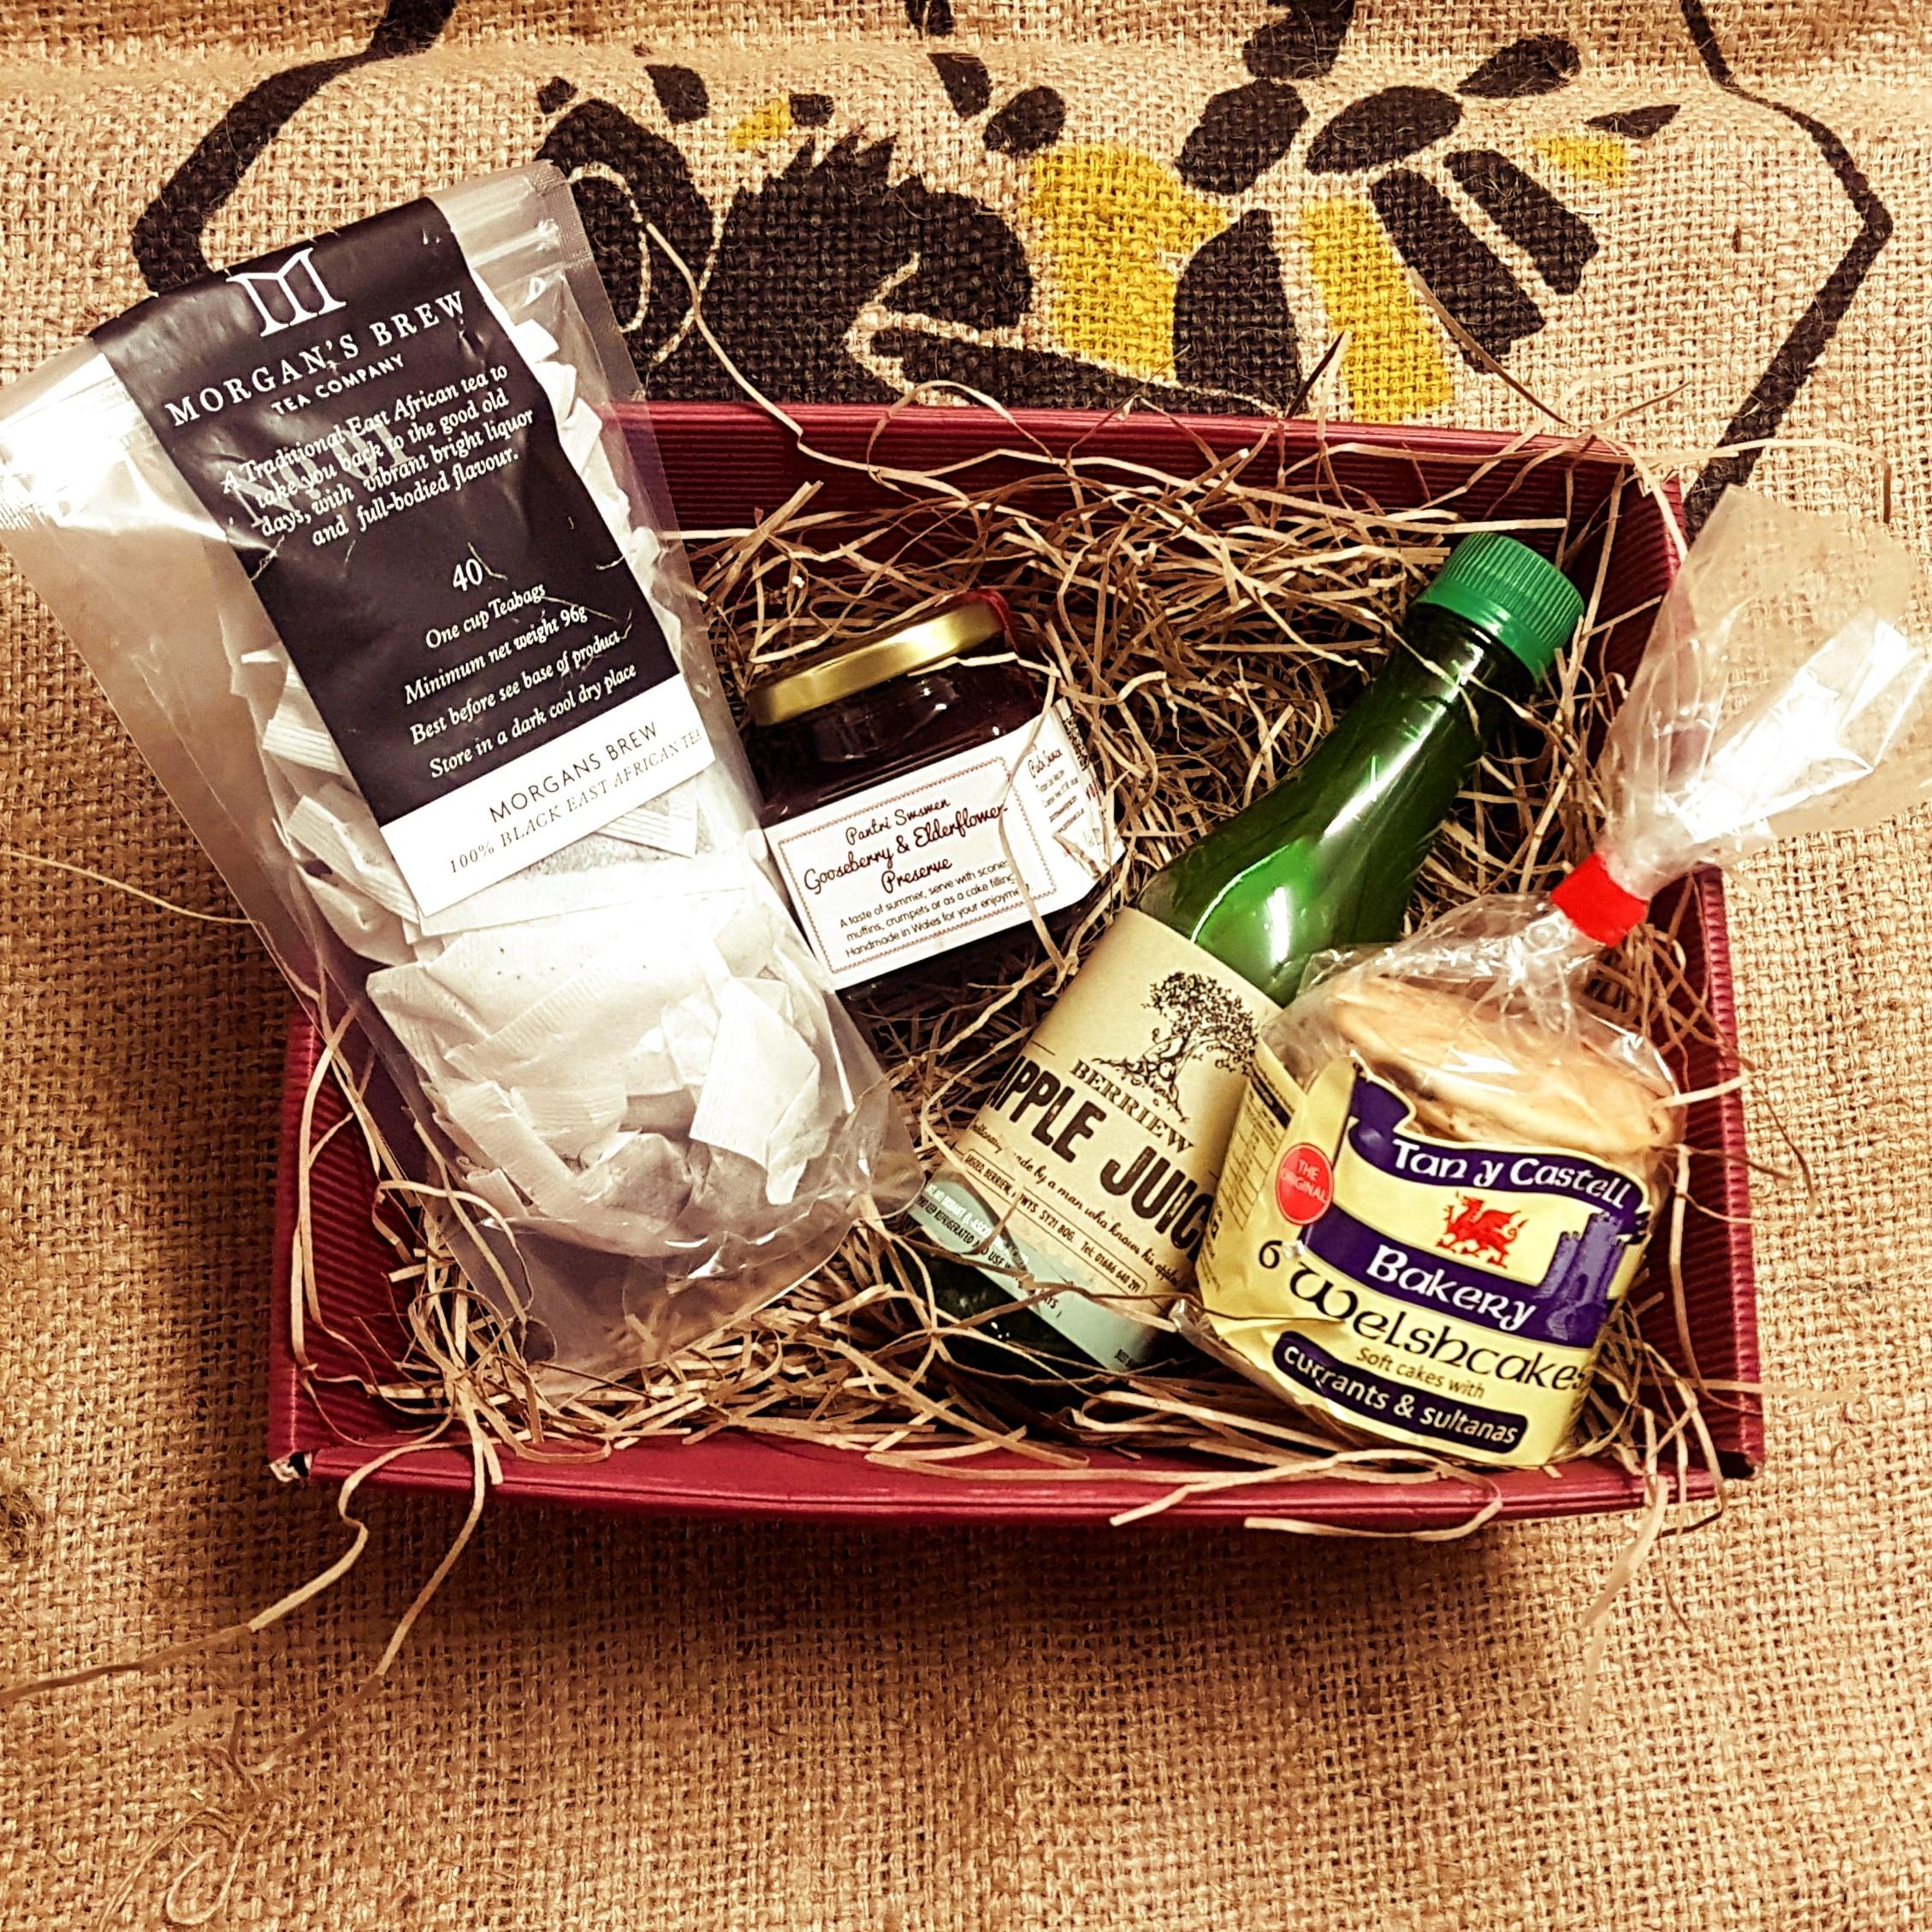 Welsh Gift Hampers